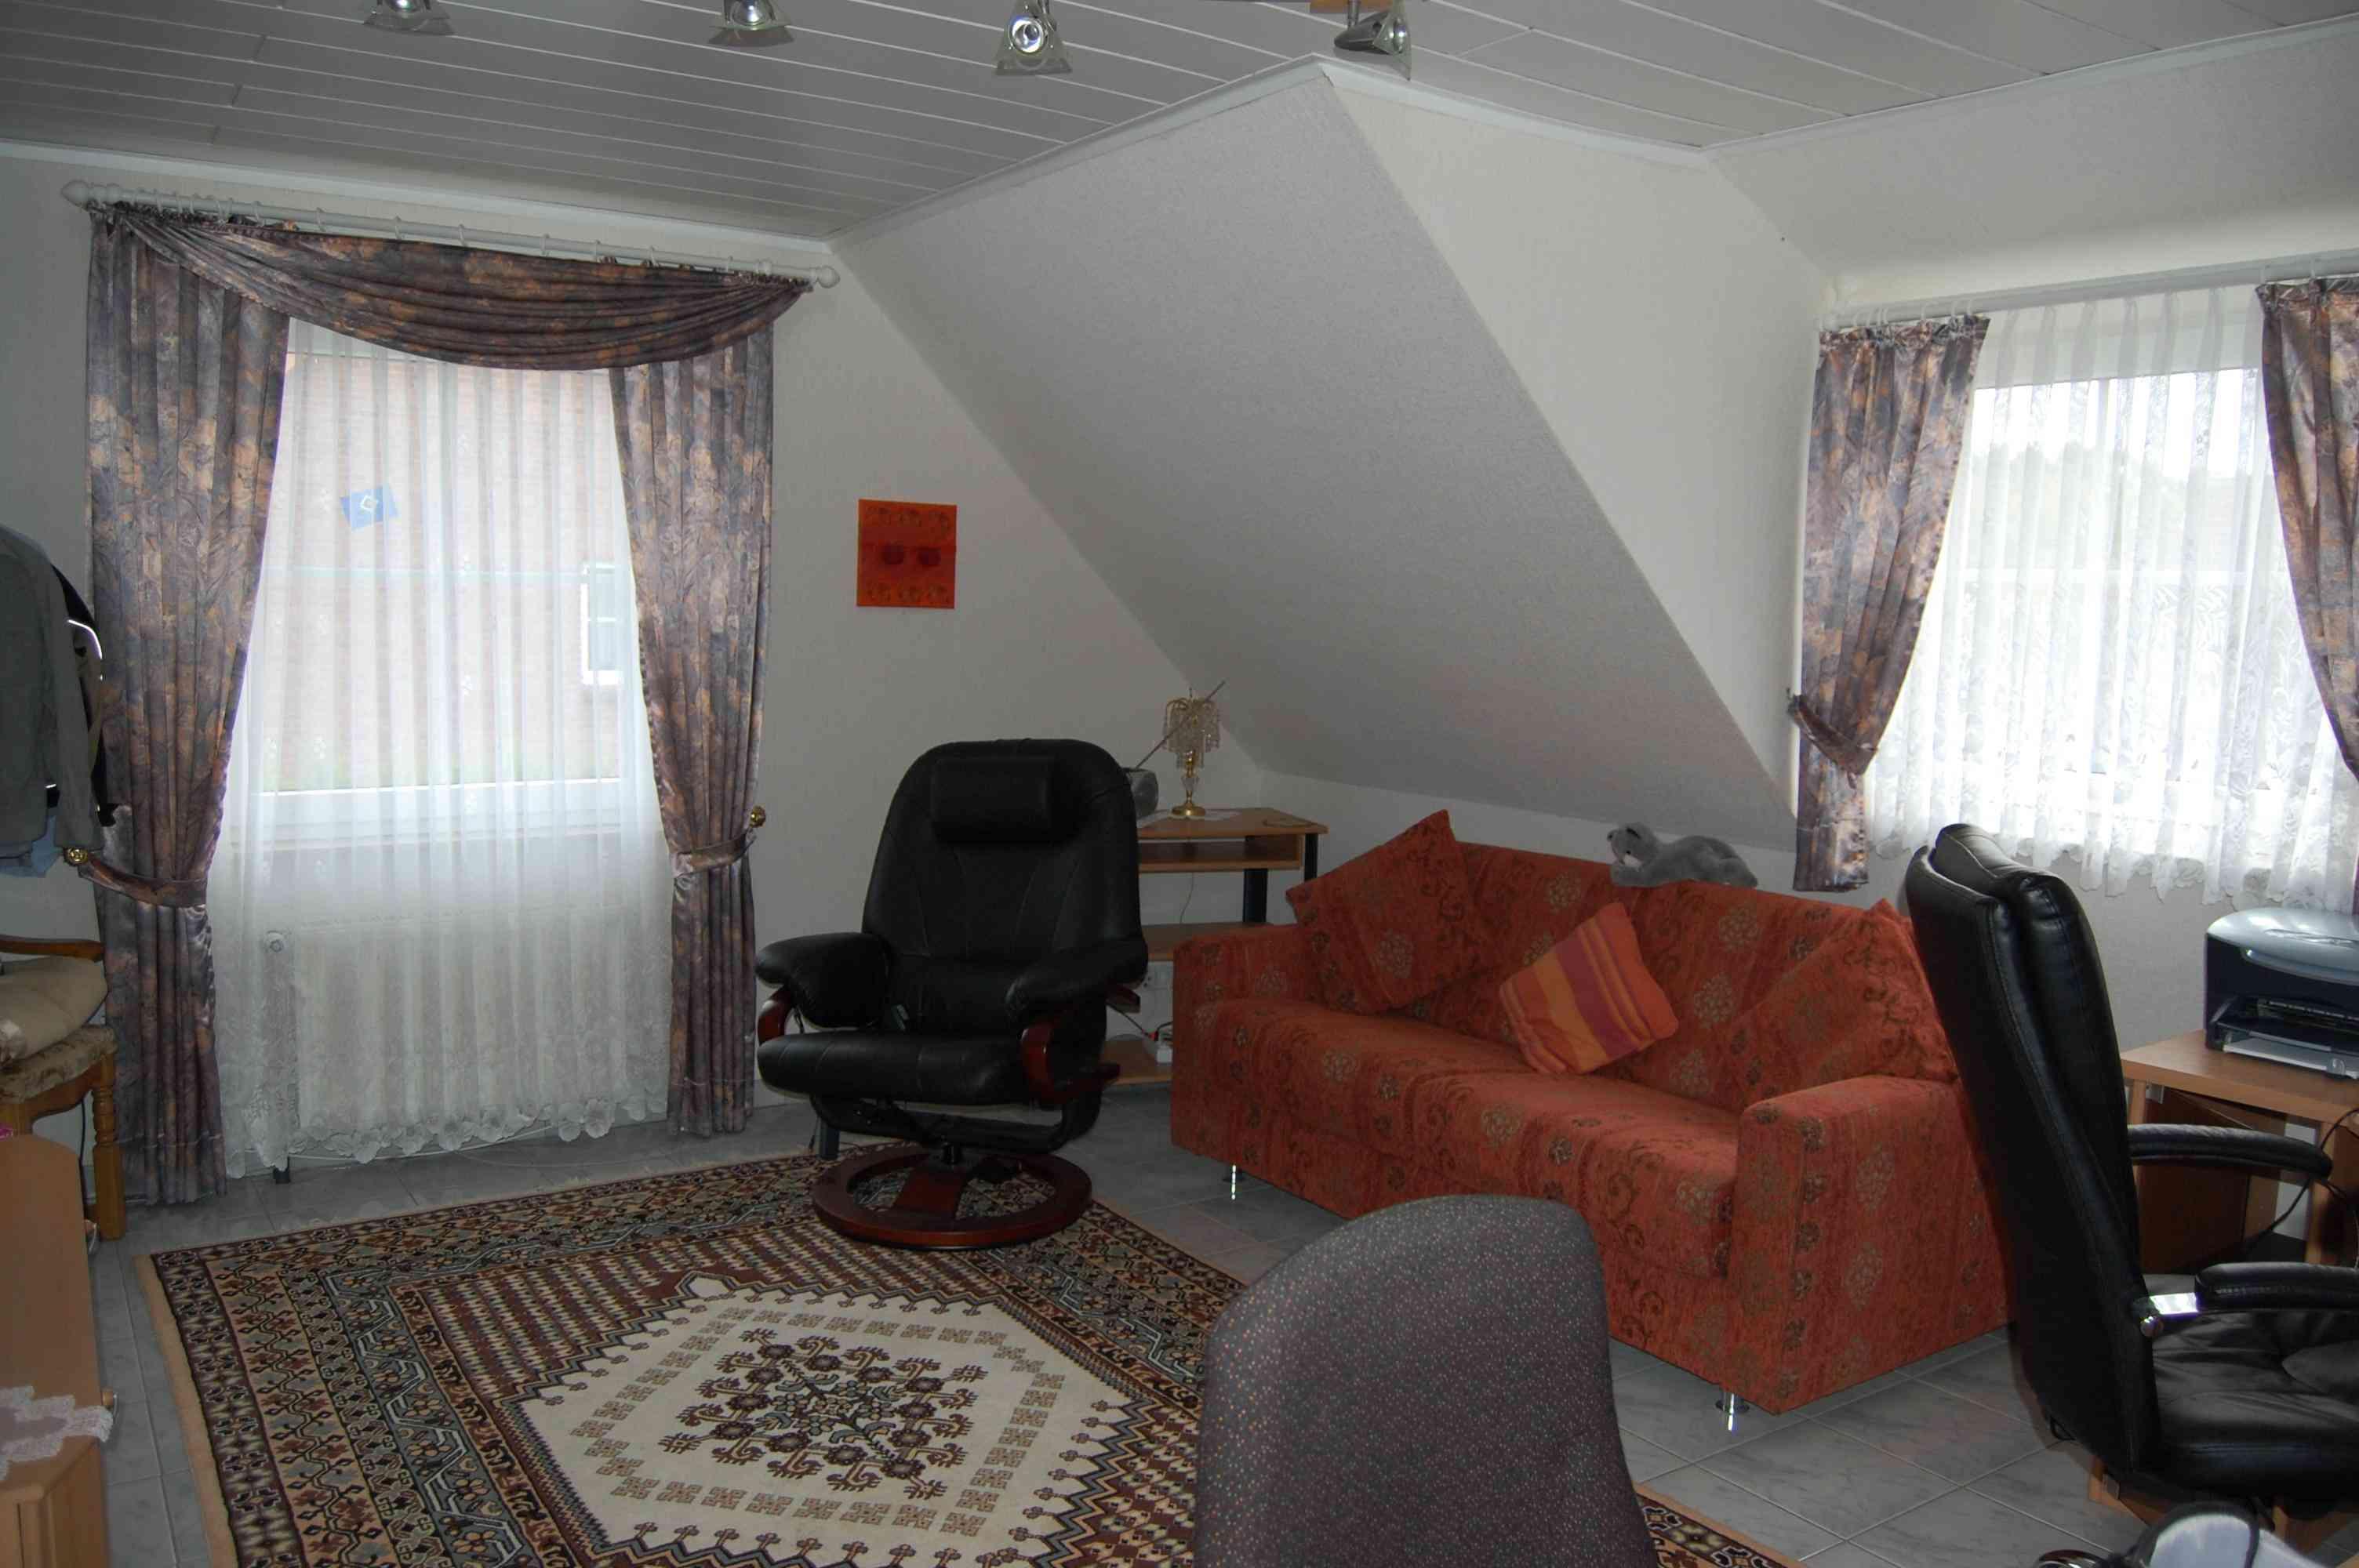 Monteurszimmer Fuchs, Zimmer